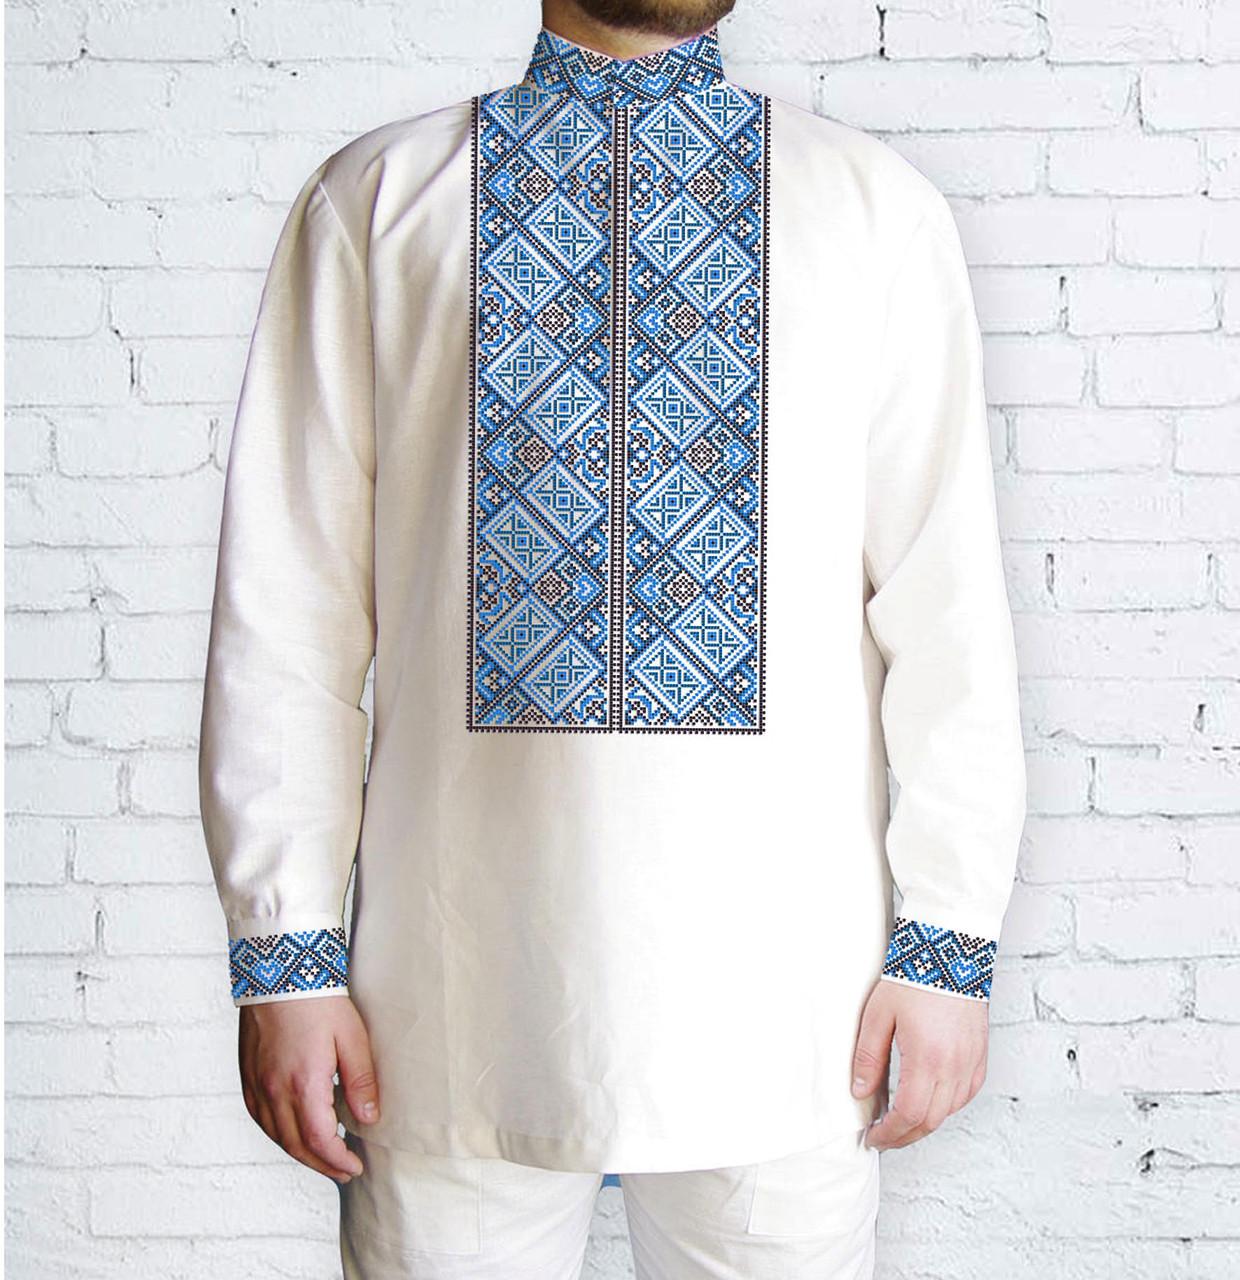 Заготовка мужской рубашки / вышиванки / сорочки для вышивки / вышивания бисером или нитками «Орнамент 526 Г»